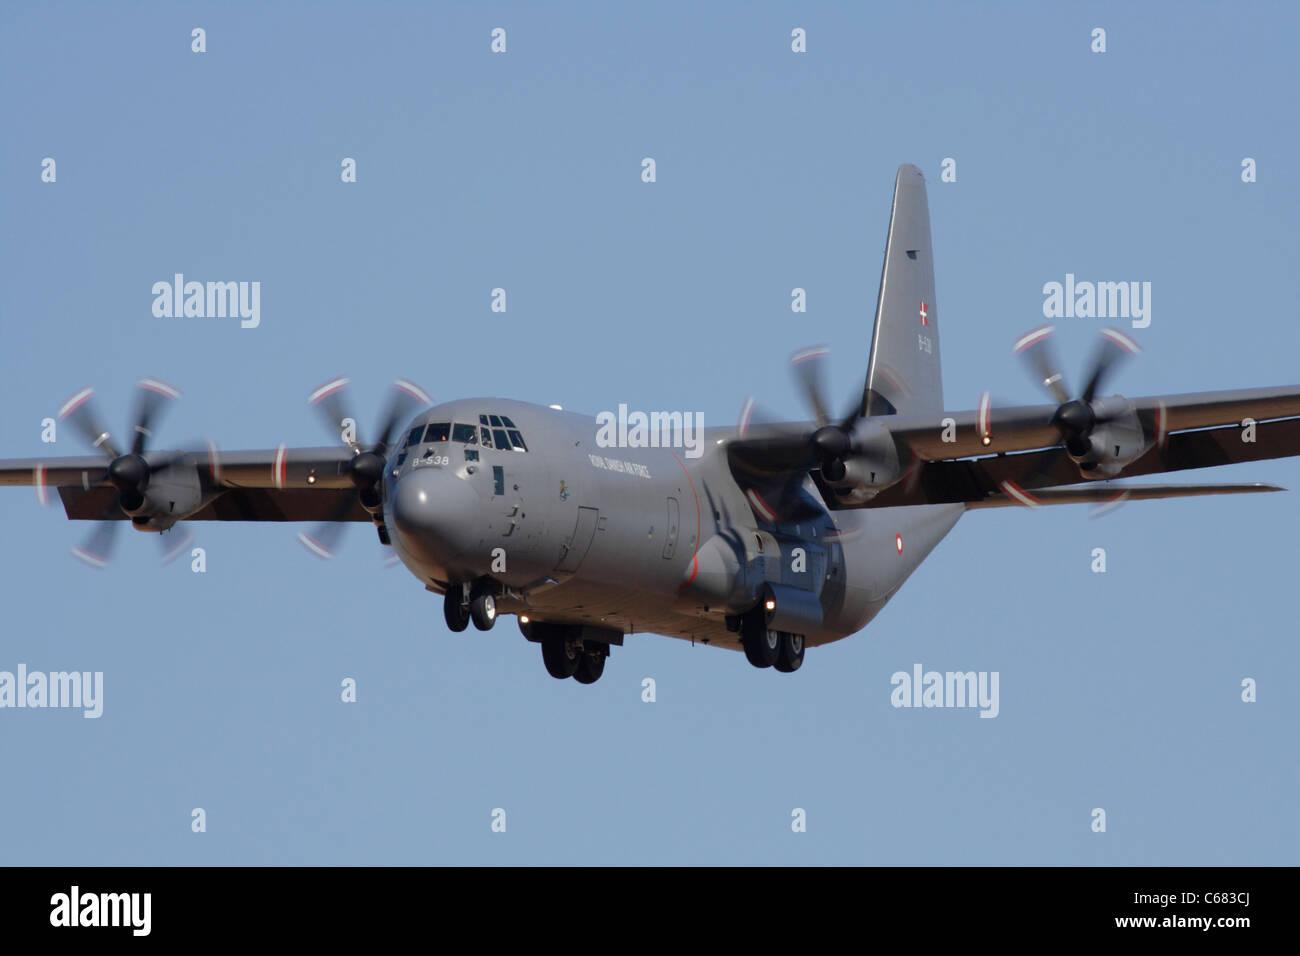 Royal Danish Air Force C-130J Hercules military cargo ...